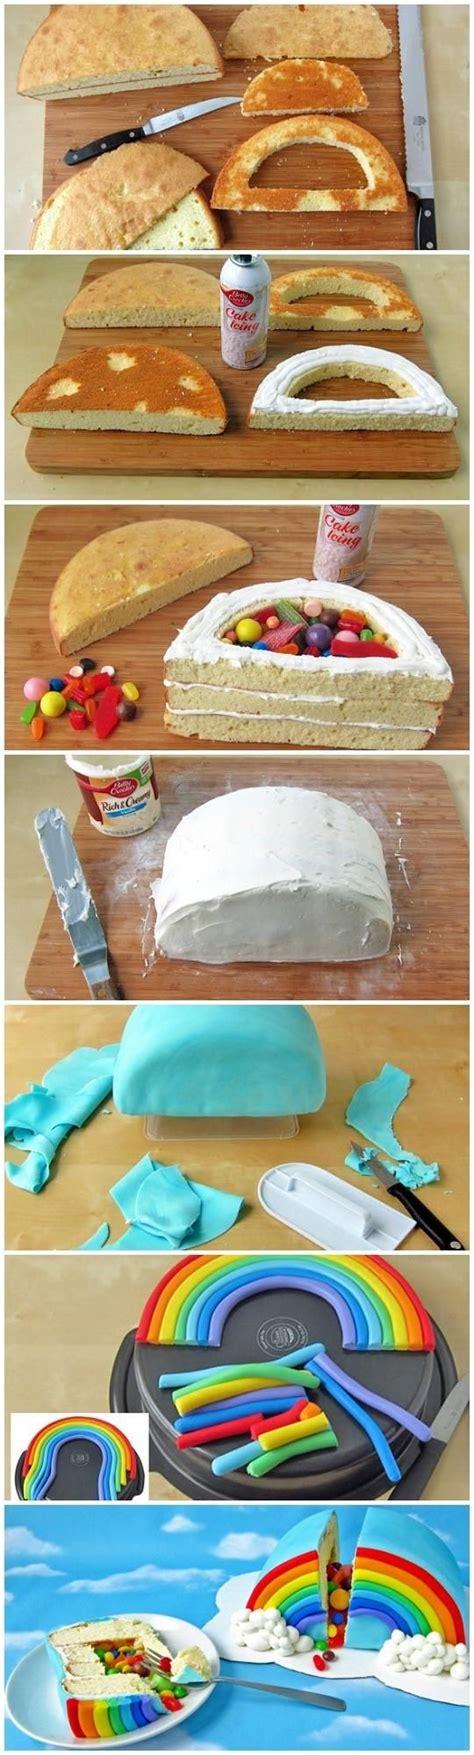 rainbow cake hervé cuisine rainbow pinata cake joybx projets quot cuisine quot gâteau pinata gâteaux et arcs en ciel